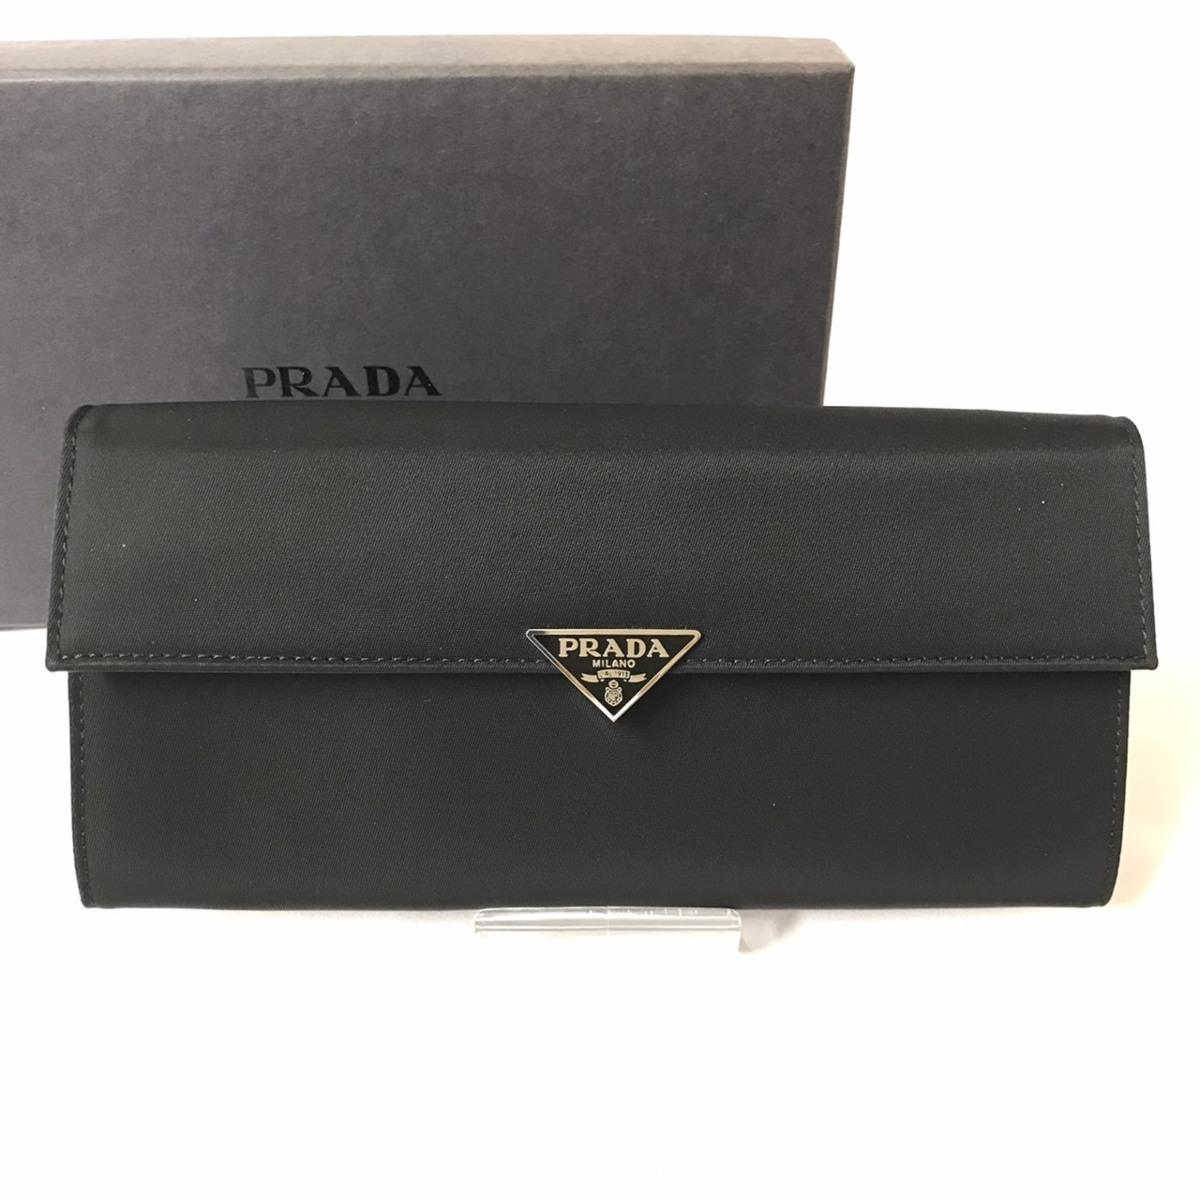 ▽▼【美品】PRADA プラダ 二つ折り長財布 ナイロンレザー 三角プレート 1M1037 TESSUTO